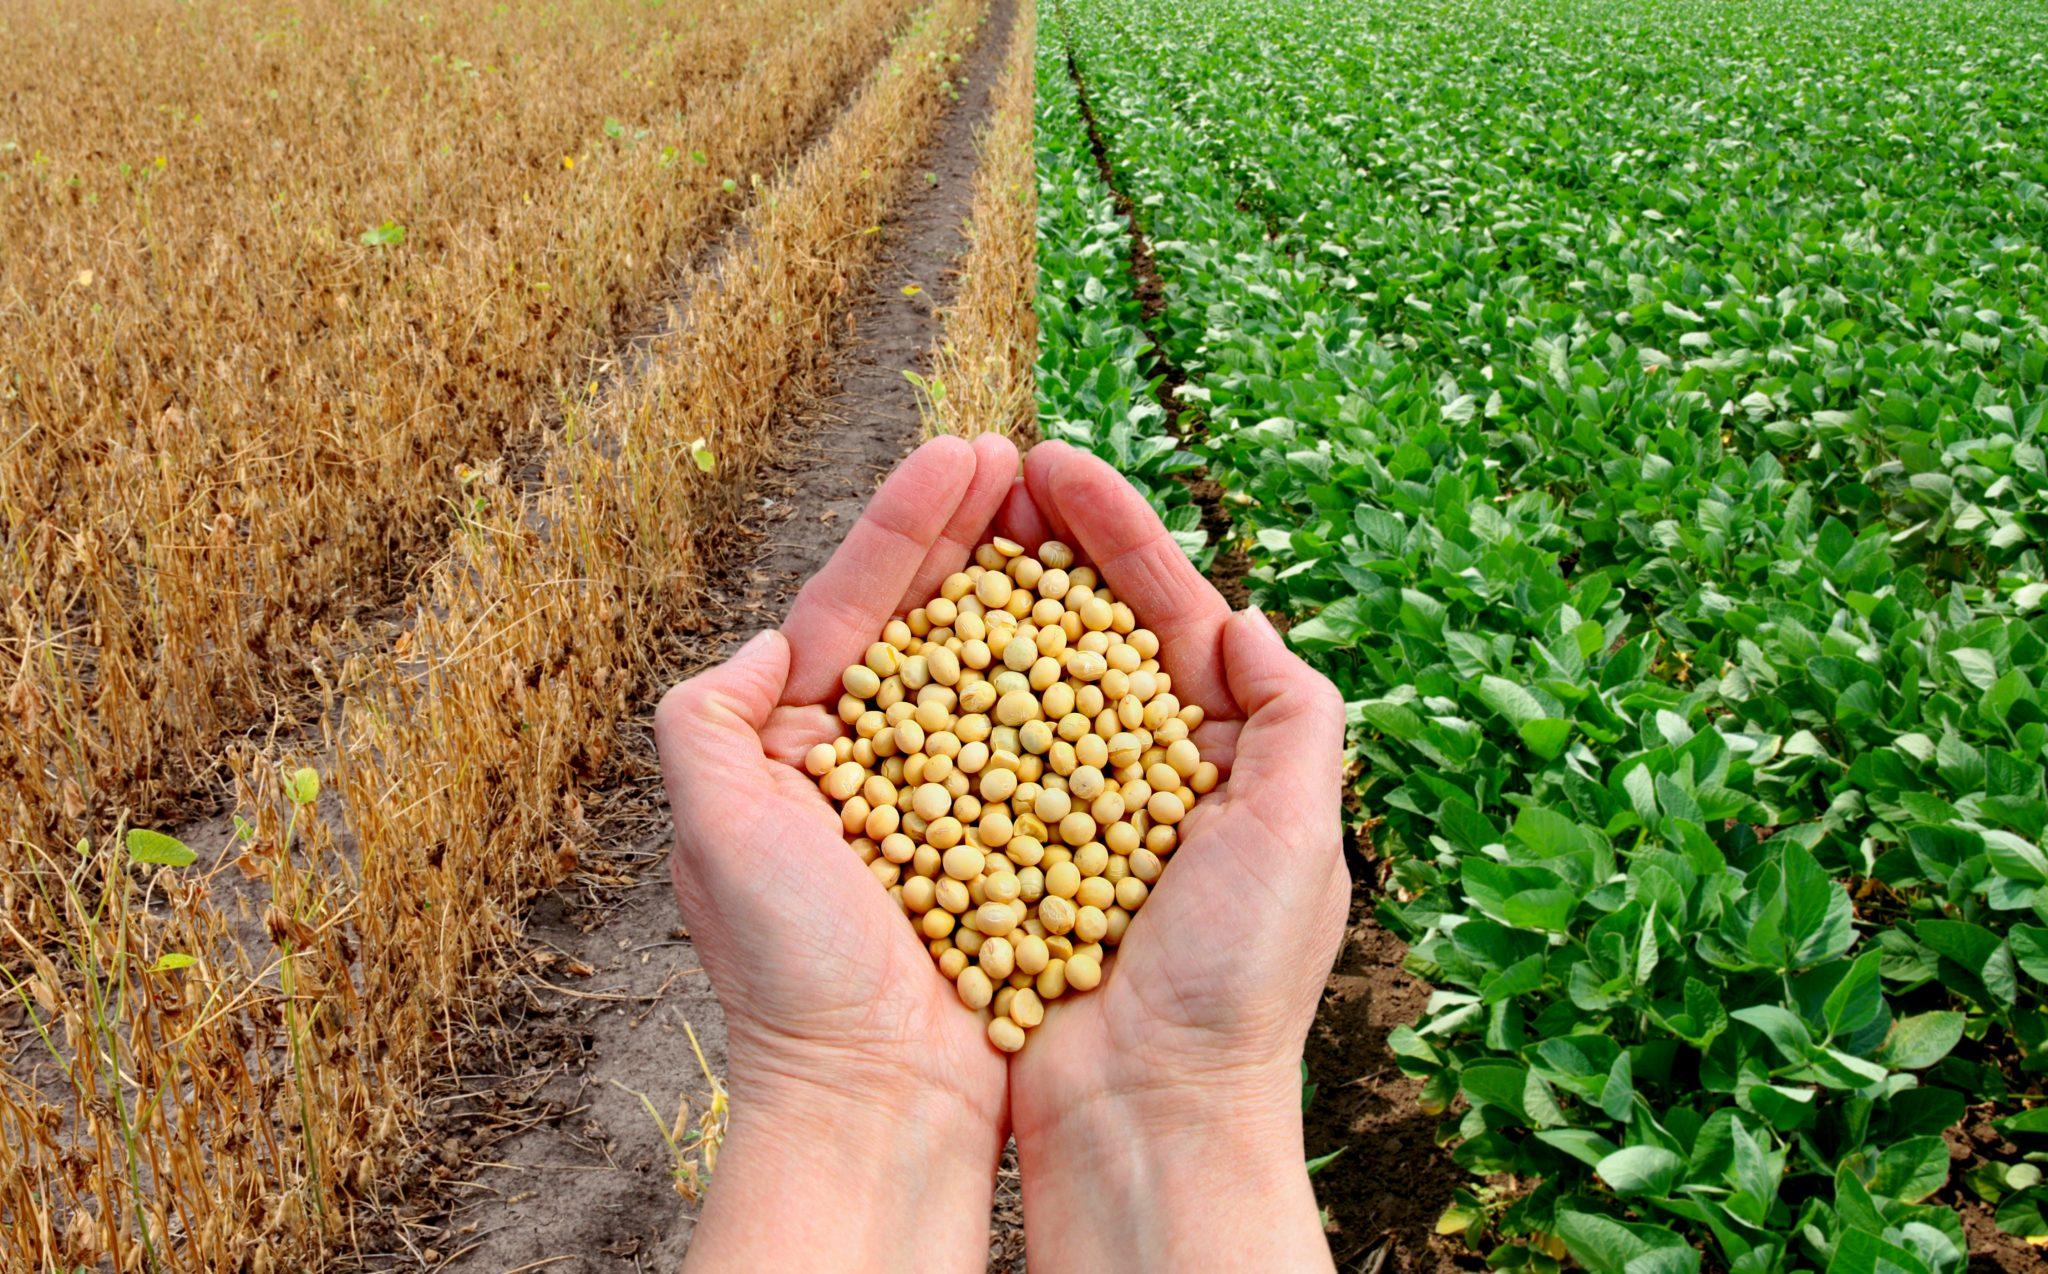 大豆農場で大豆を両手に持っている人